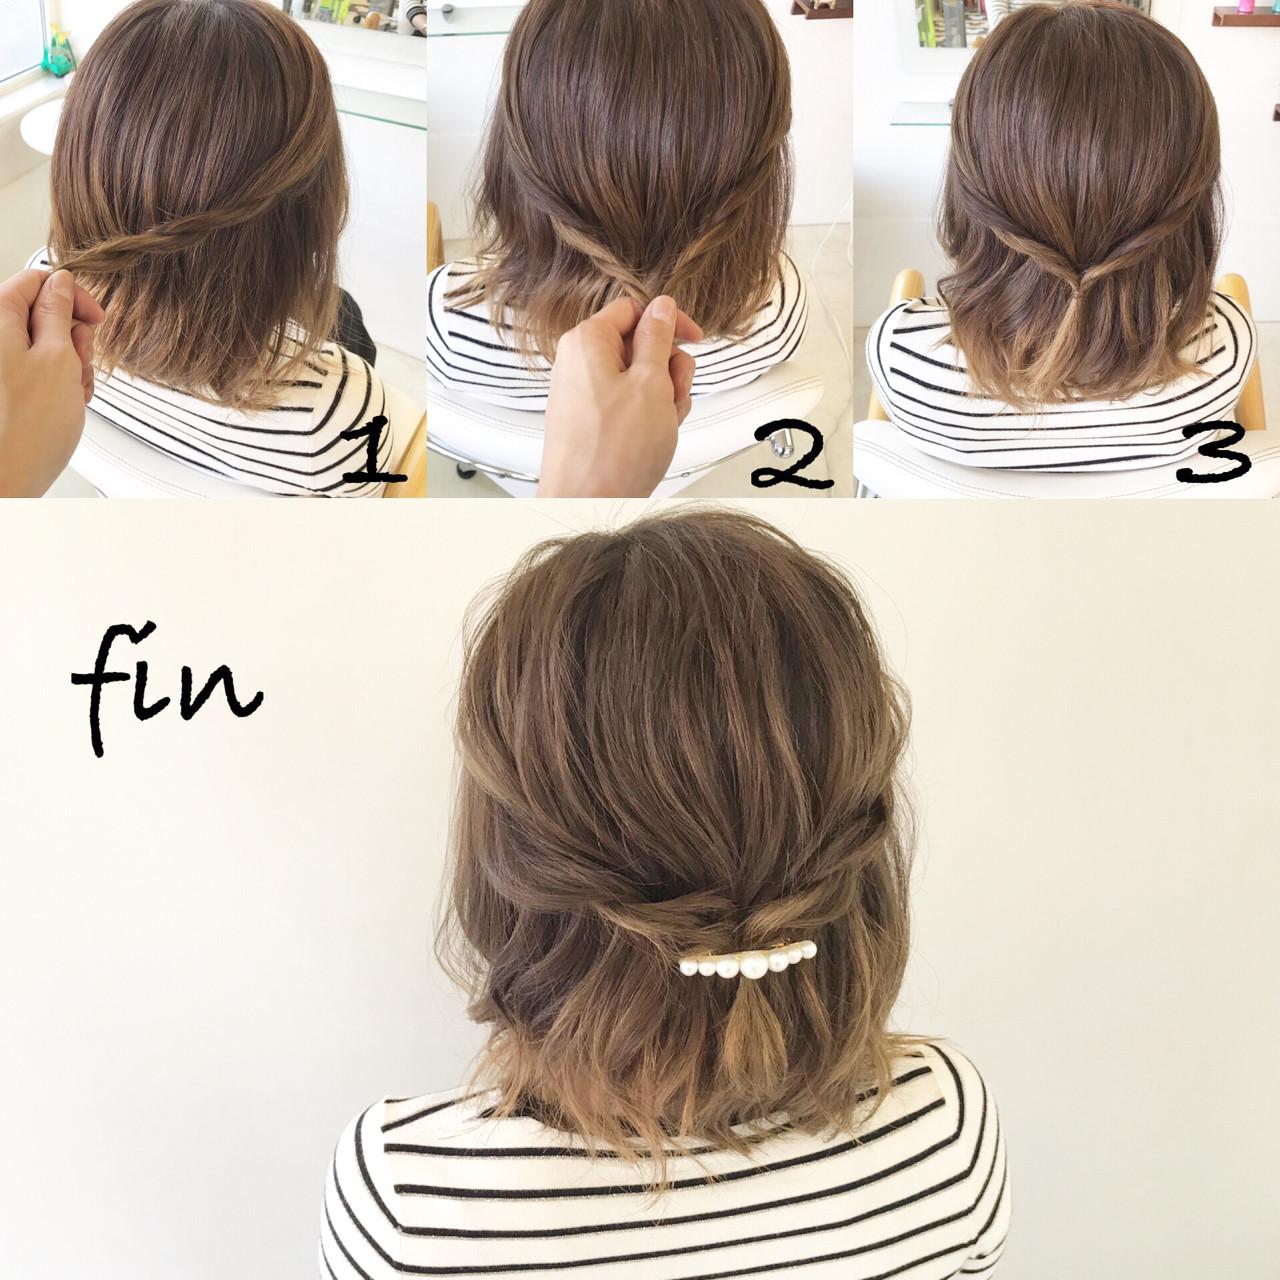 ボブの簡単ヘアアレンジ(^^)  1、サイドの部分をねじります! 2、反対側も同じように! 3、その2つをゴムで結びます! 全体的に崩してヘアアクセつけて完成です!